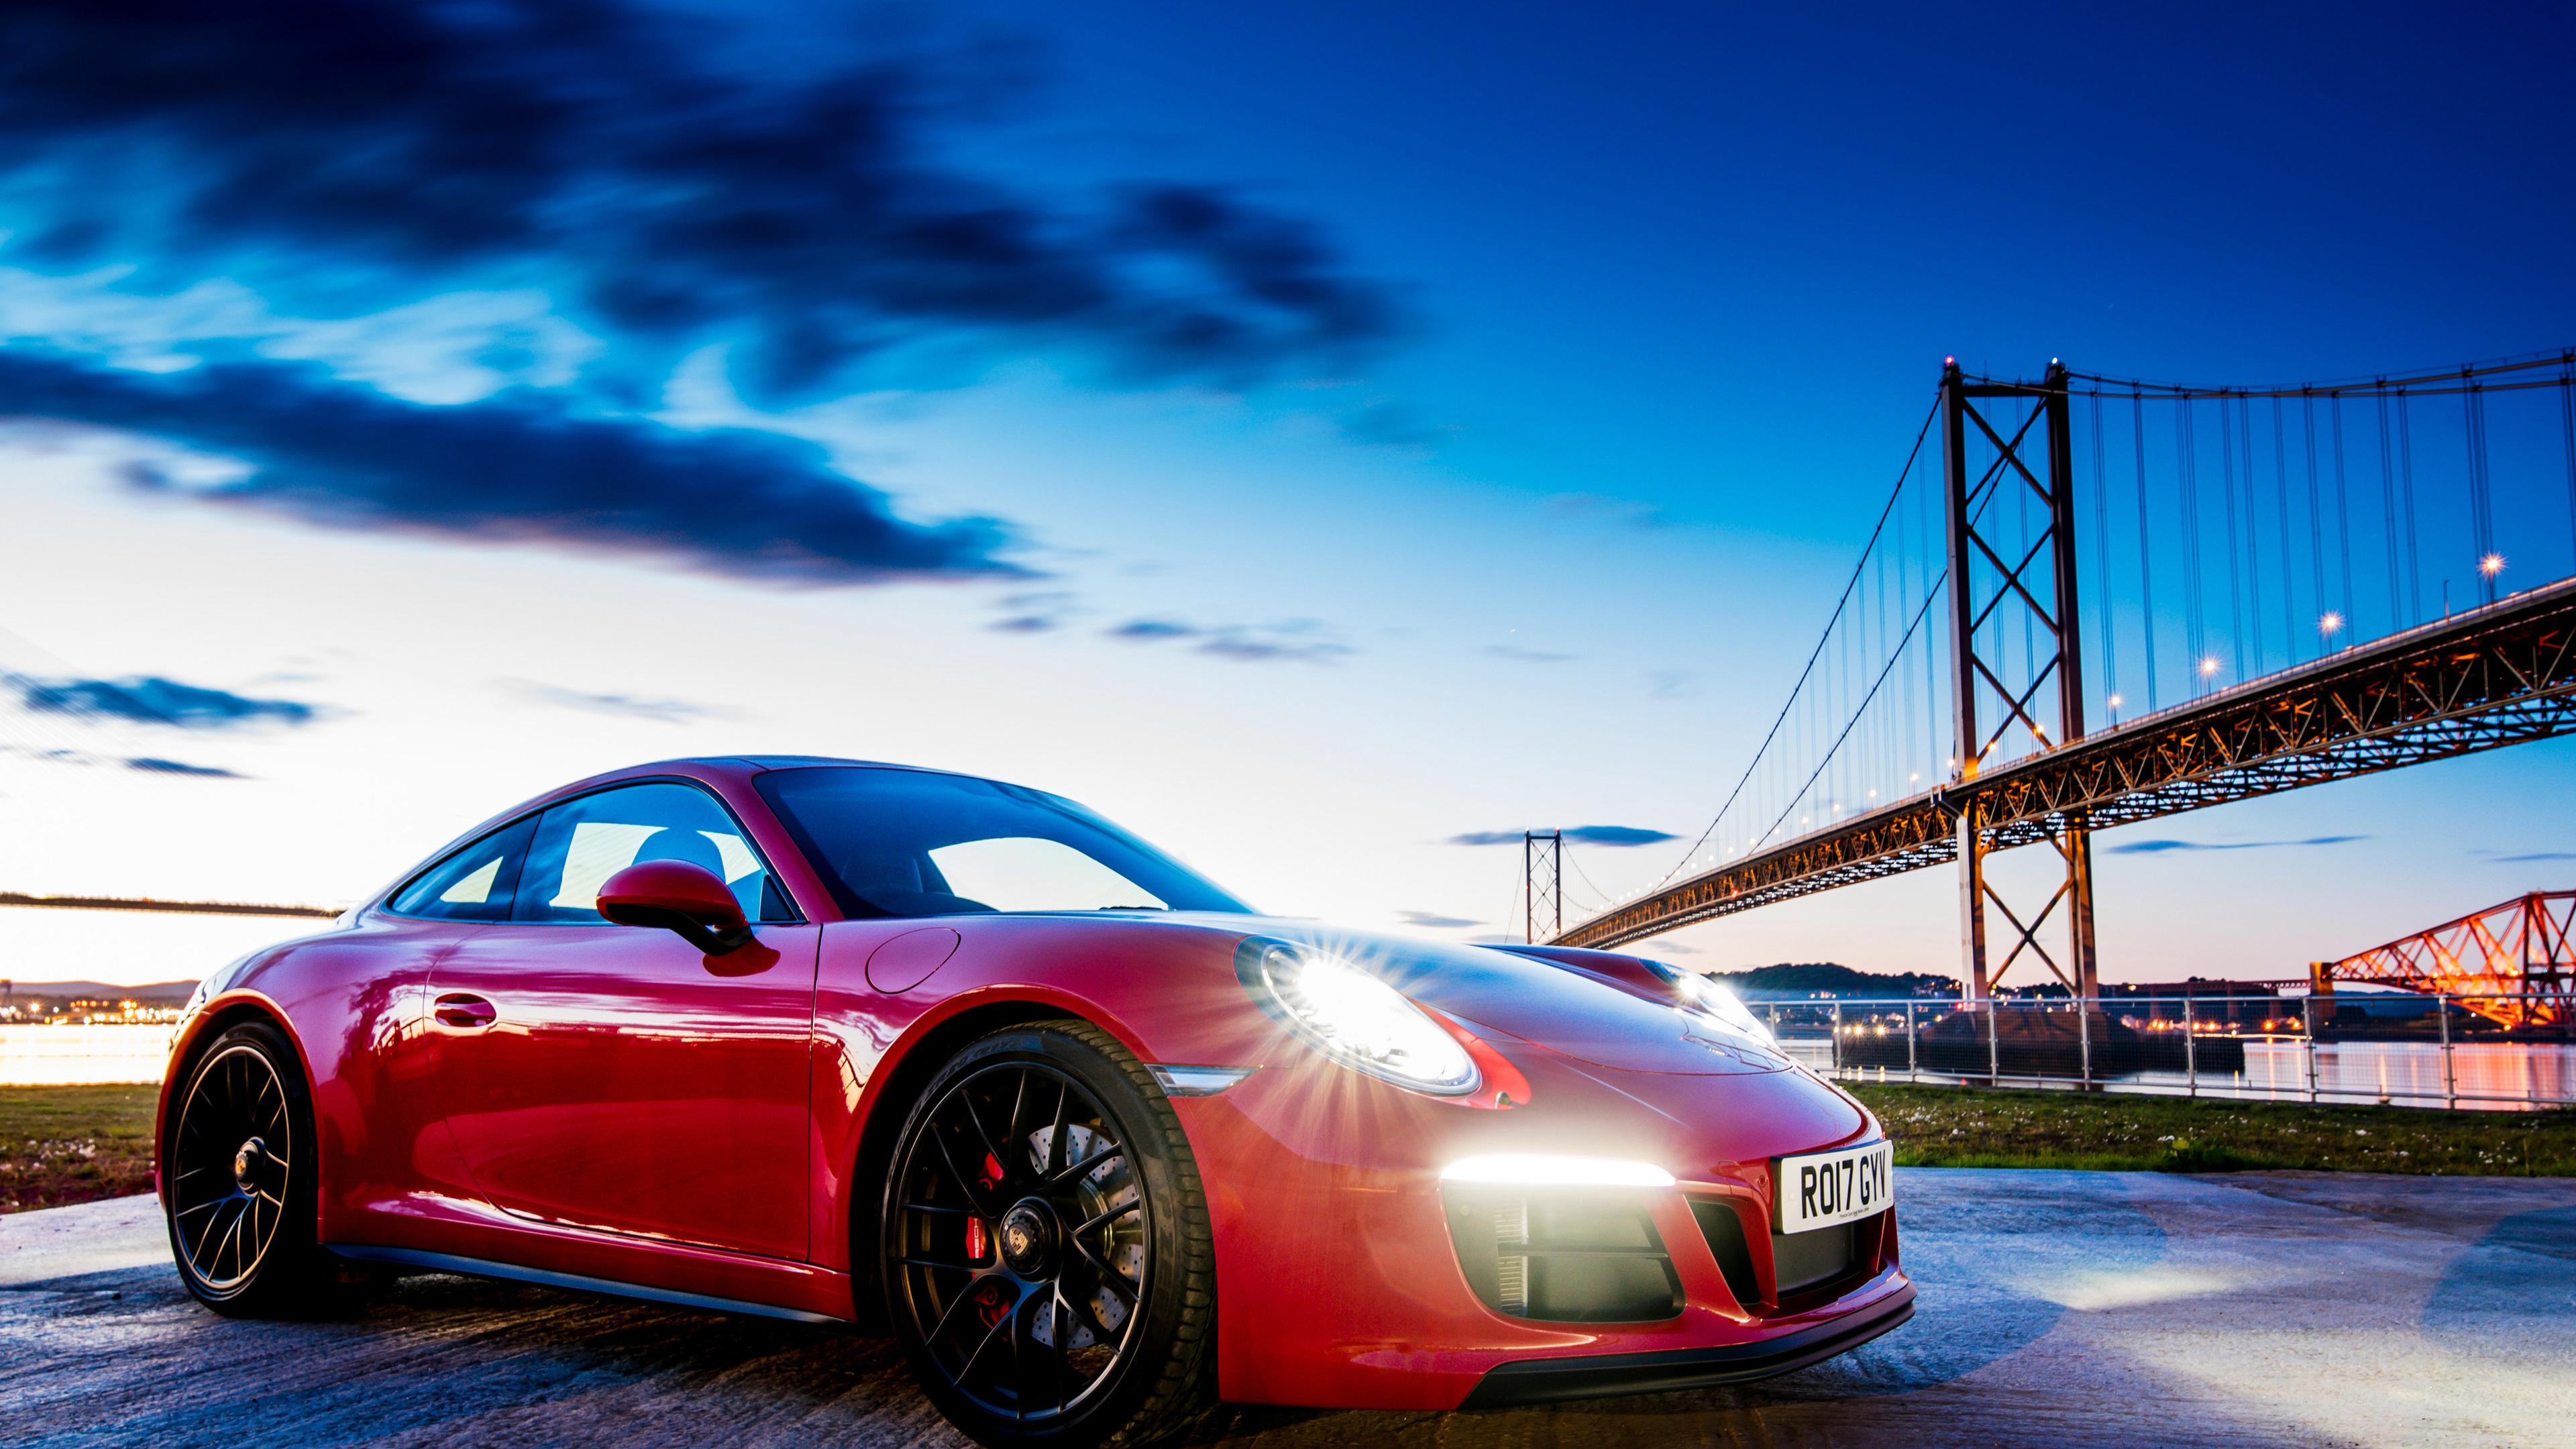 porsche 911 carrera gts coupe 2017 1539108527 - Porsche 911 Carrera GTS Coupe 2017 - porsche wallpapers, porsche 911 wallpapers, hd-wallpapers, hd wallpapers2017 cars wallpapers, cars wallpapers, 4k-wallpapers